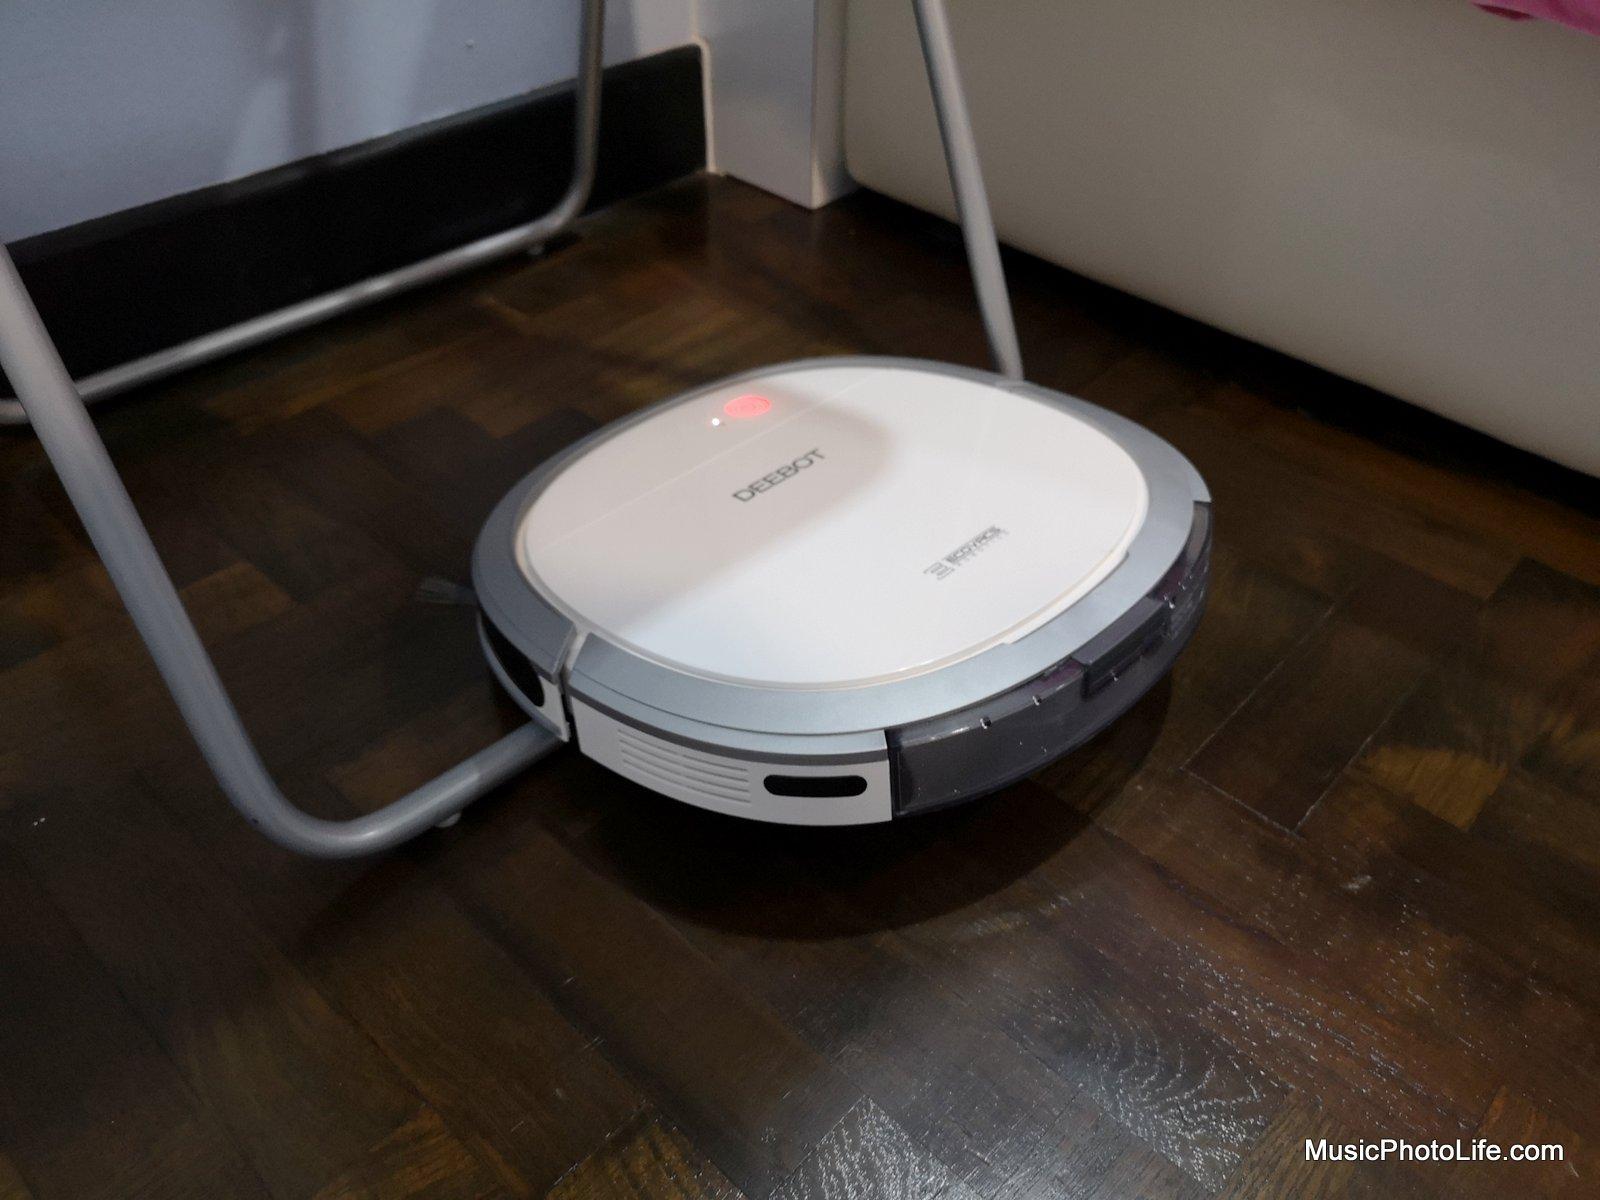 ECOVACS Deebot OZMO Slim11 review by musicphotolife.com, Singapore consumer home tech blogger